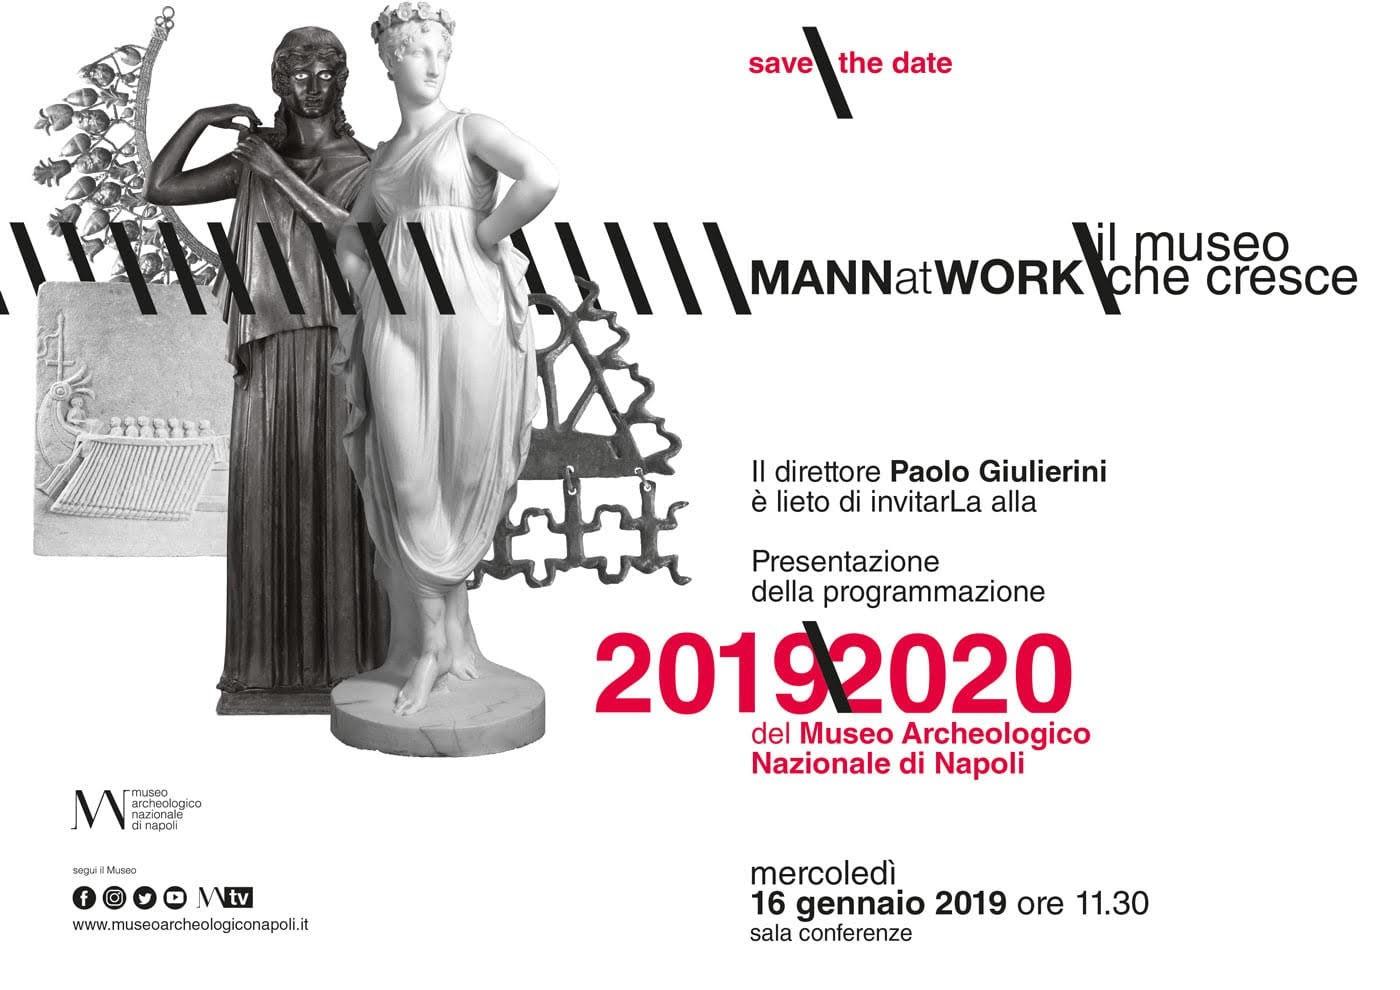 Mercoledì 16 gennaio (ore 11.30) presentazione della programmazione 2019/2020 del MANN